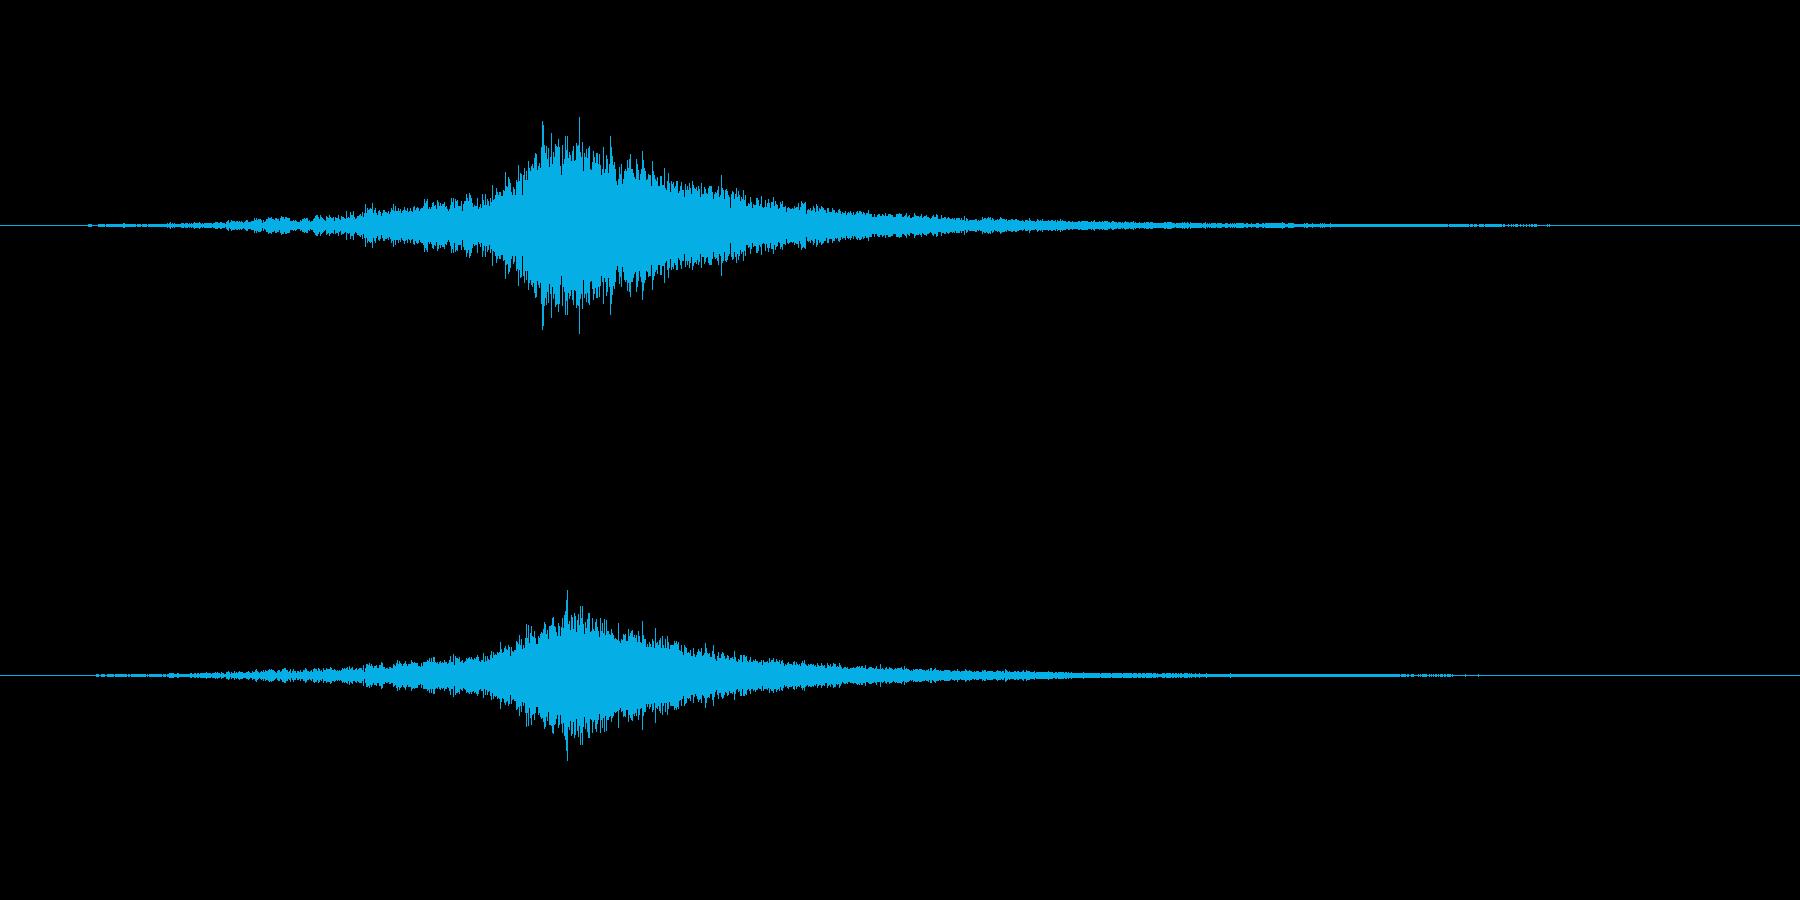 盛り上がりのサスペンドシンバルの再生済みの波形